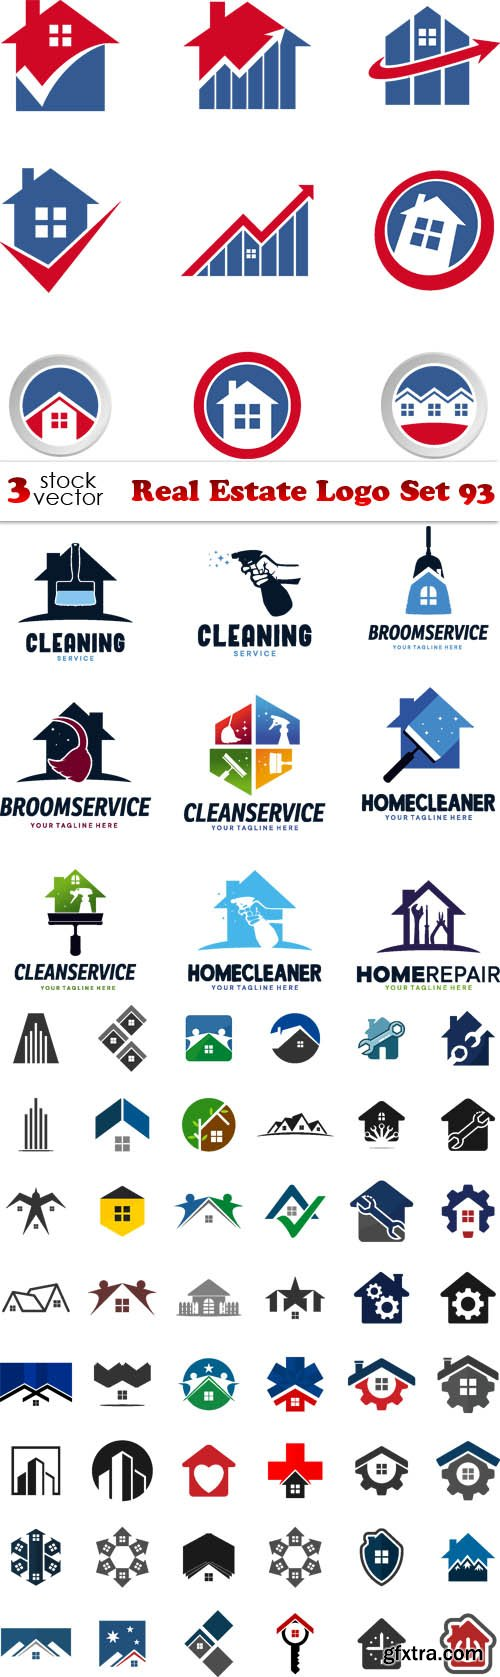 Vectors - Real Estate Logo Set 93